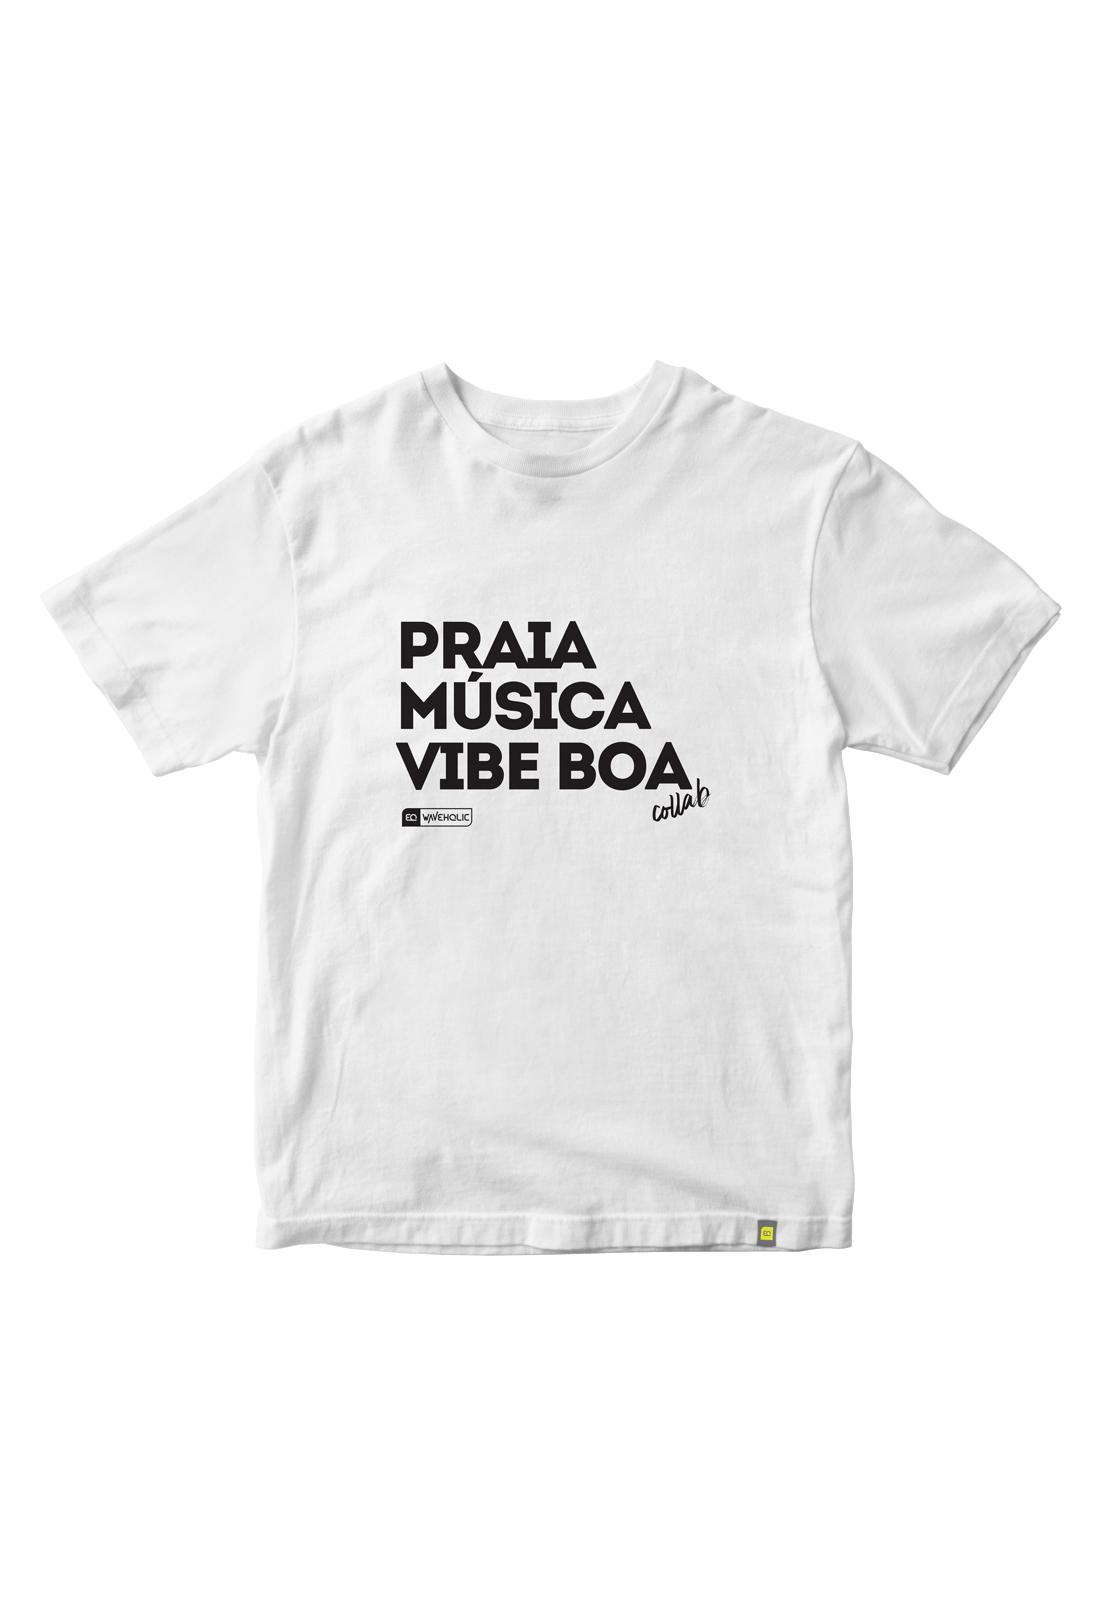 Camiseta com frase praia música vibe boa preta ou branca